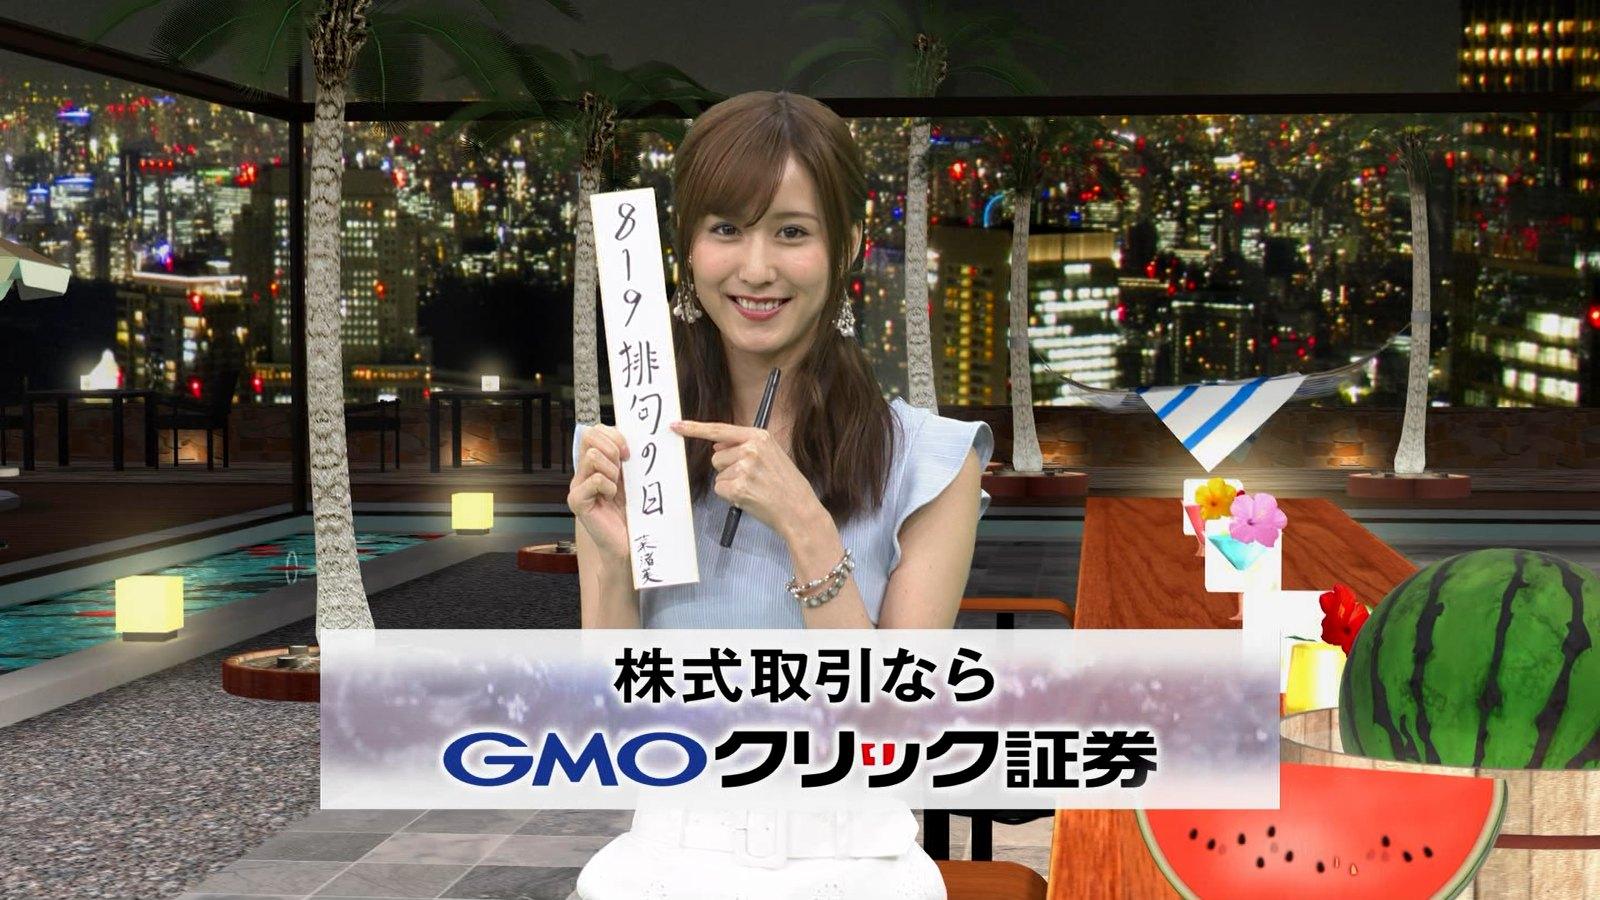 2019年8月19日放送された「ビジネス・クリック」に出演した阿部菜渚美さんのテレビキャプチャー画像-090